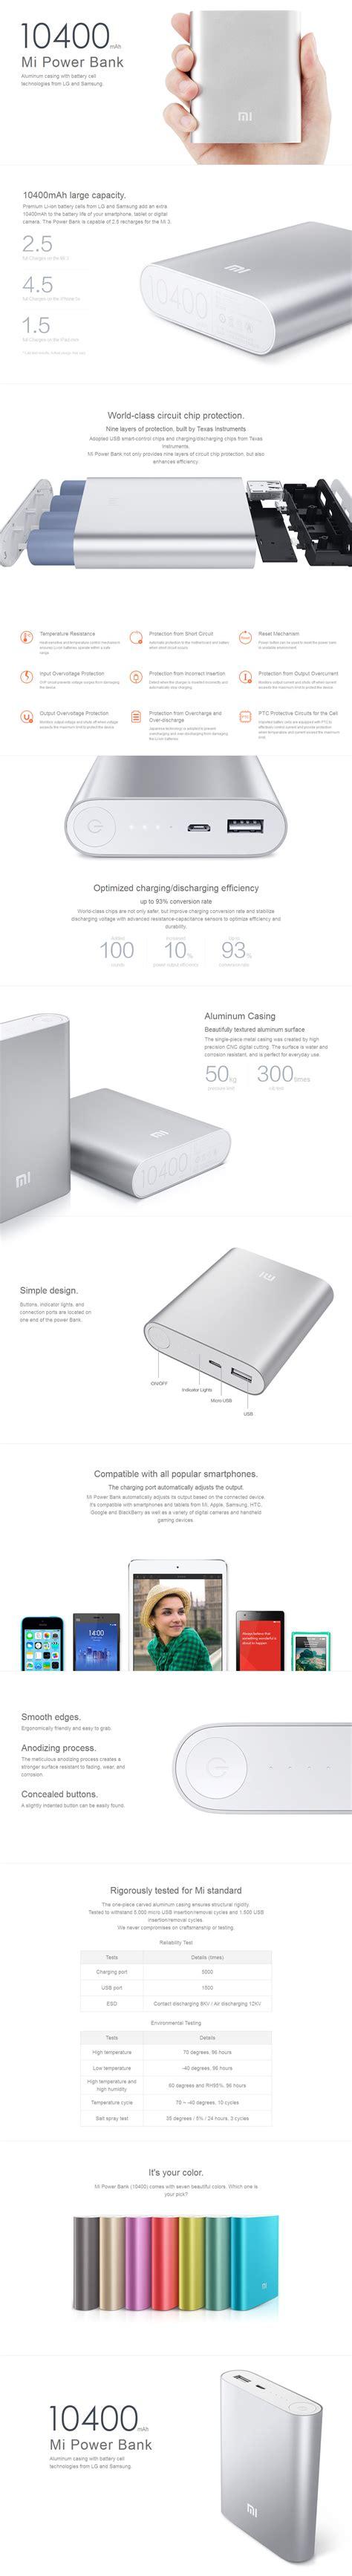 Powerbank Xiaomi 10400 xiaomi 10400 mah portable power bank charger review